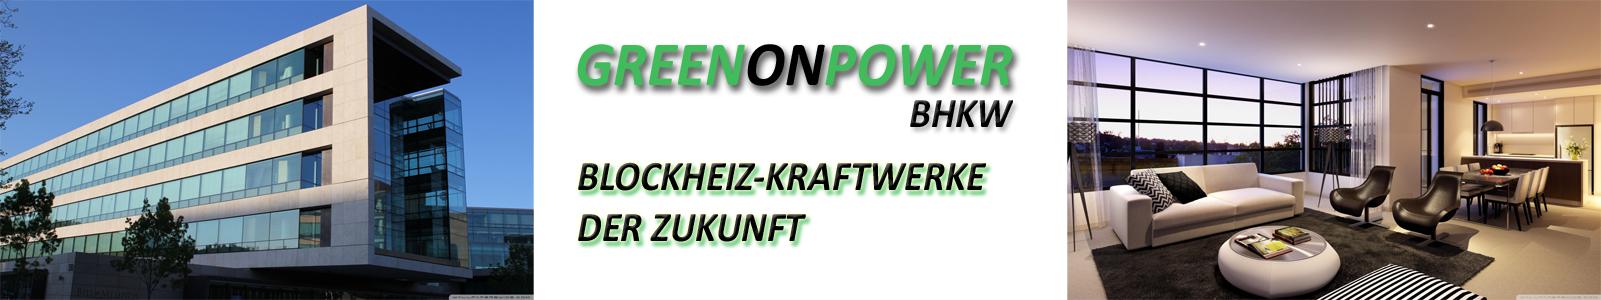 GREENonPOWER BHKW - Blockheizkraftwerk